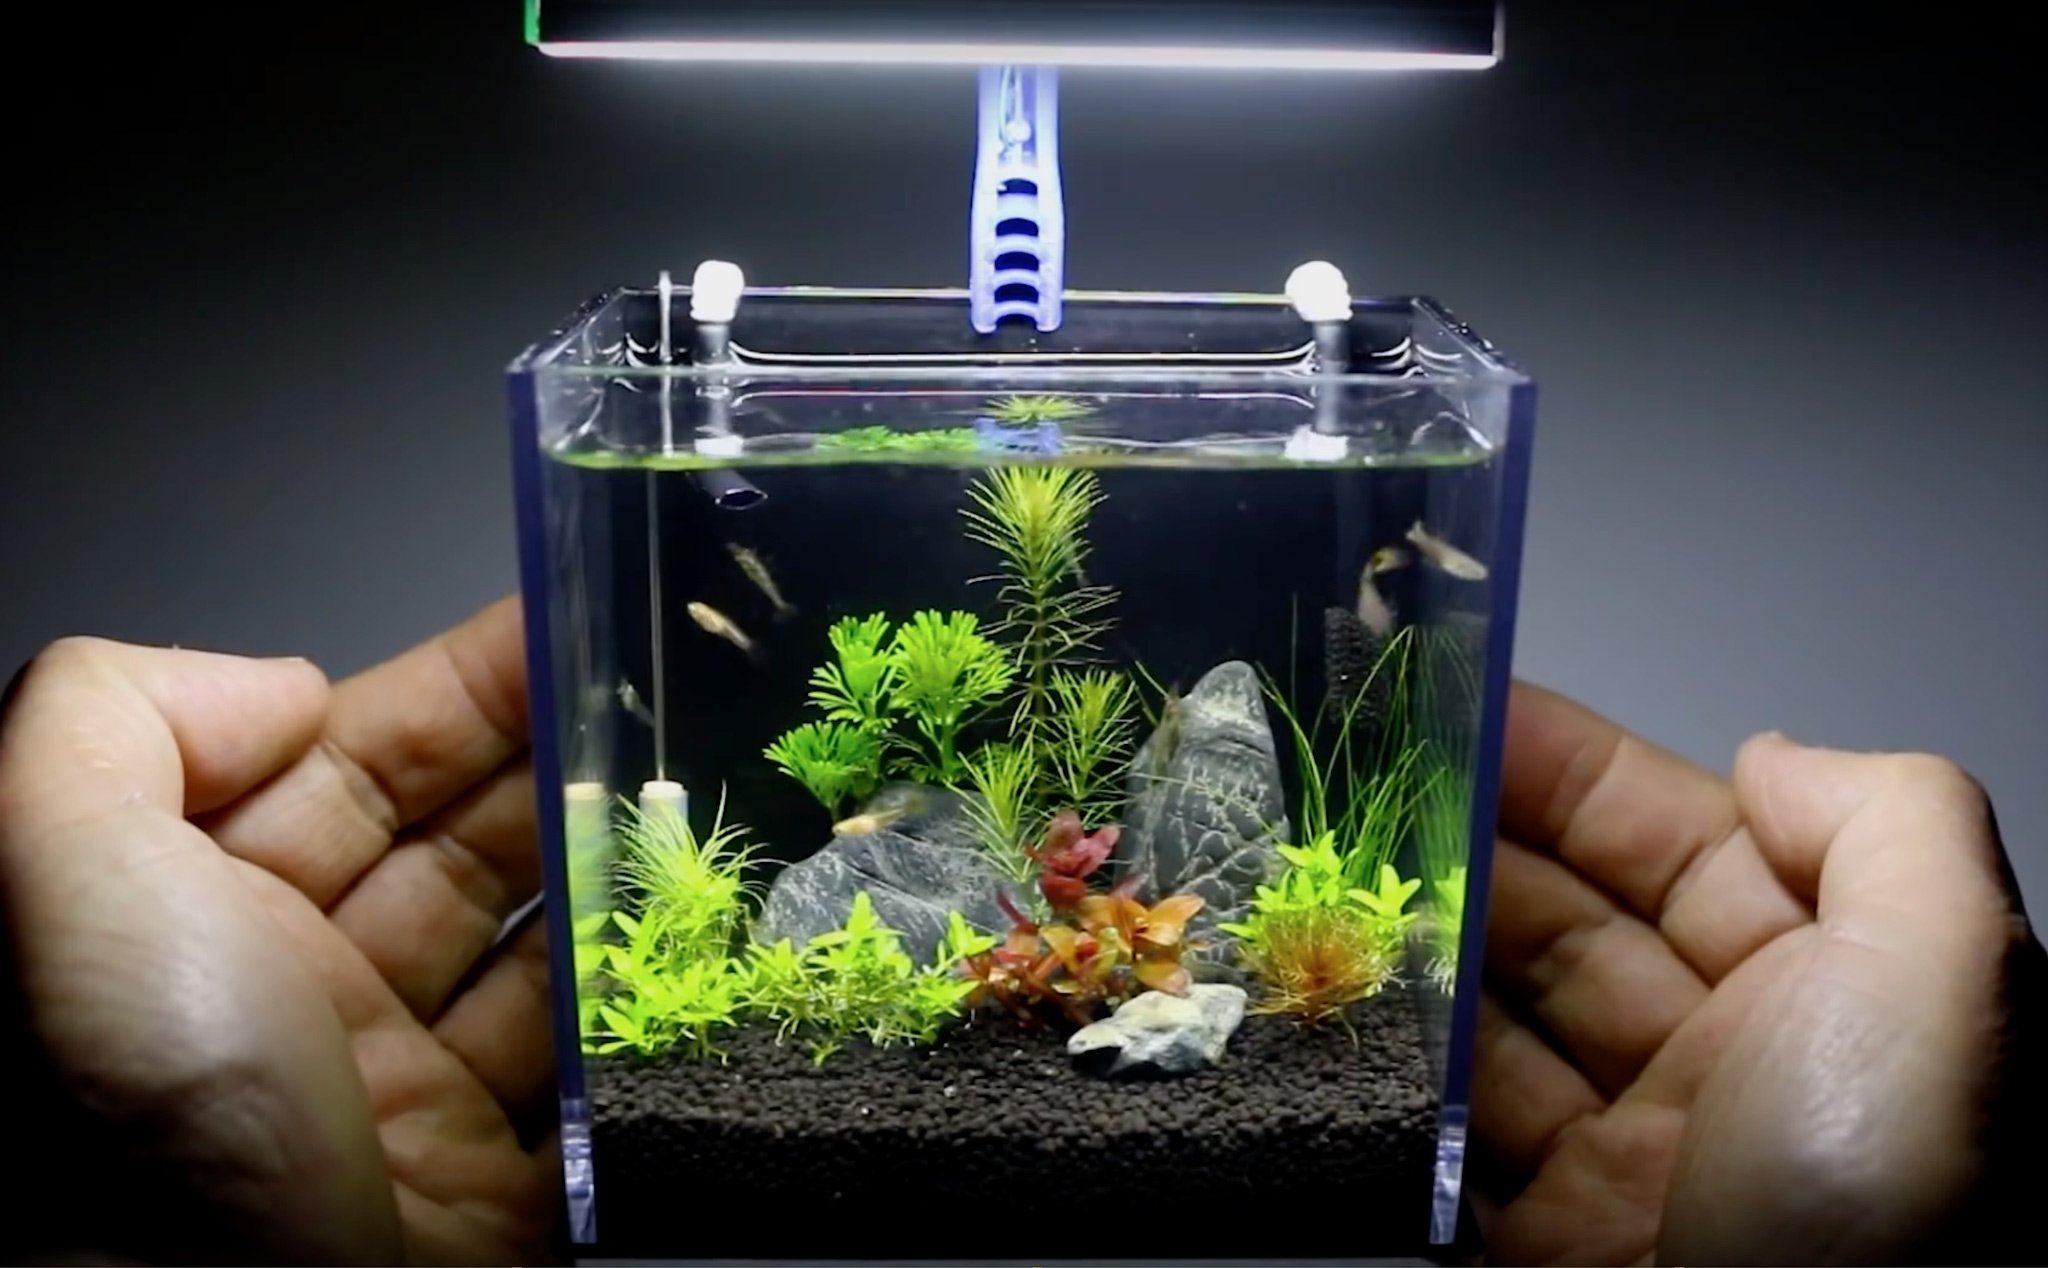 DIY] Làm hồ cá thuỷ sinh mini từ vỏ hộp Gopro bỏ đi | Tinh tế